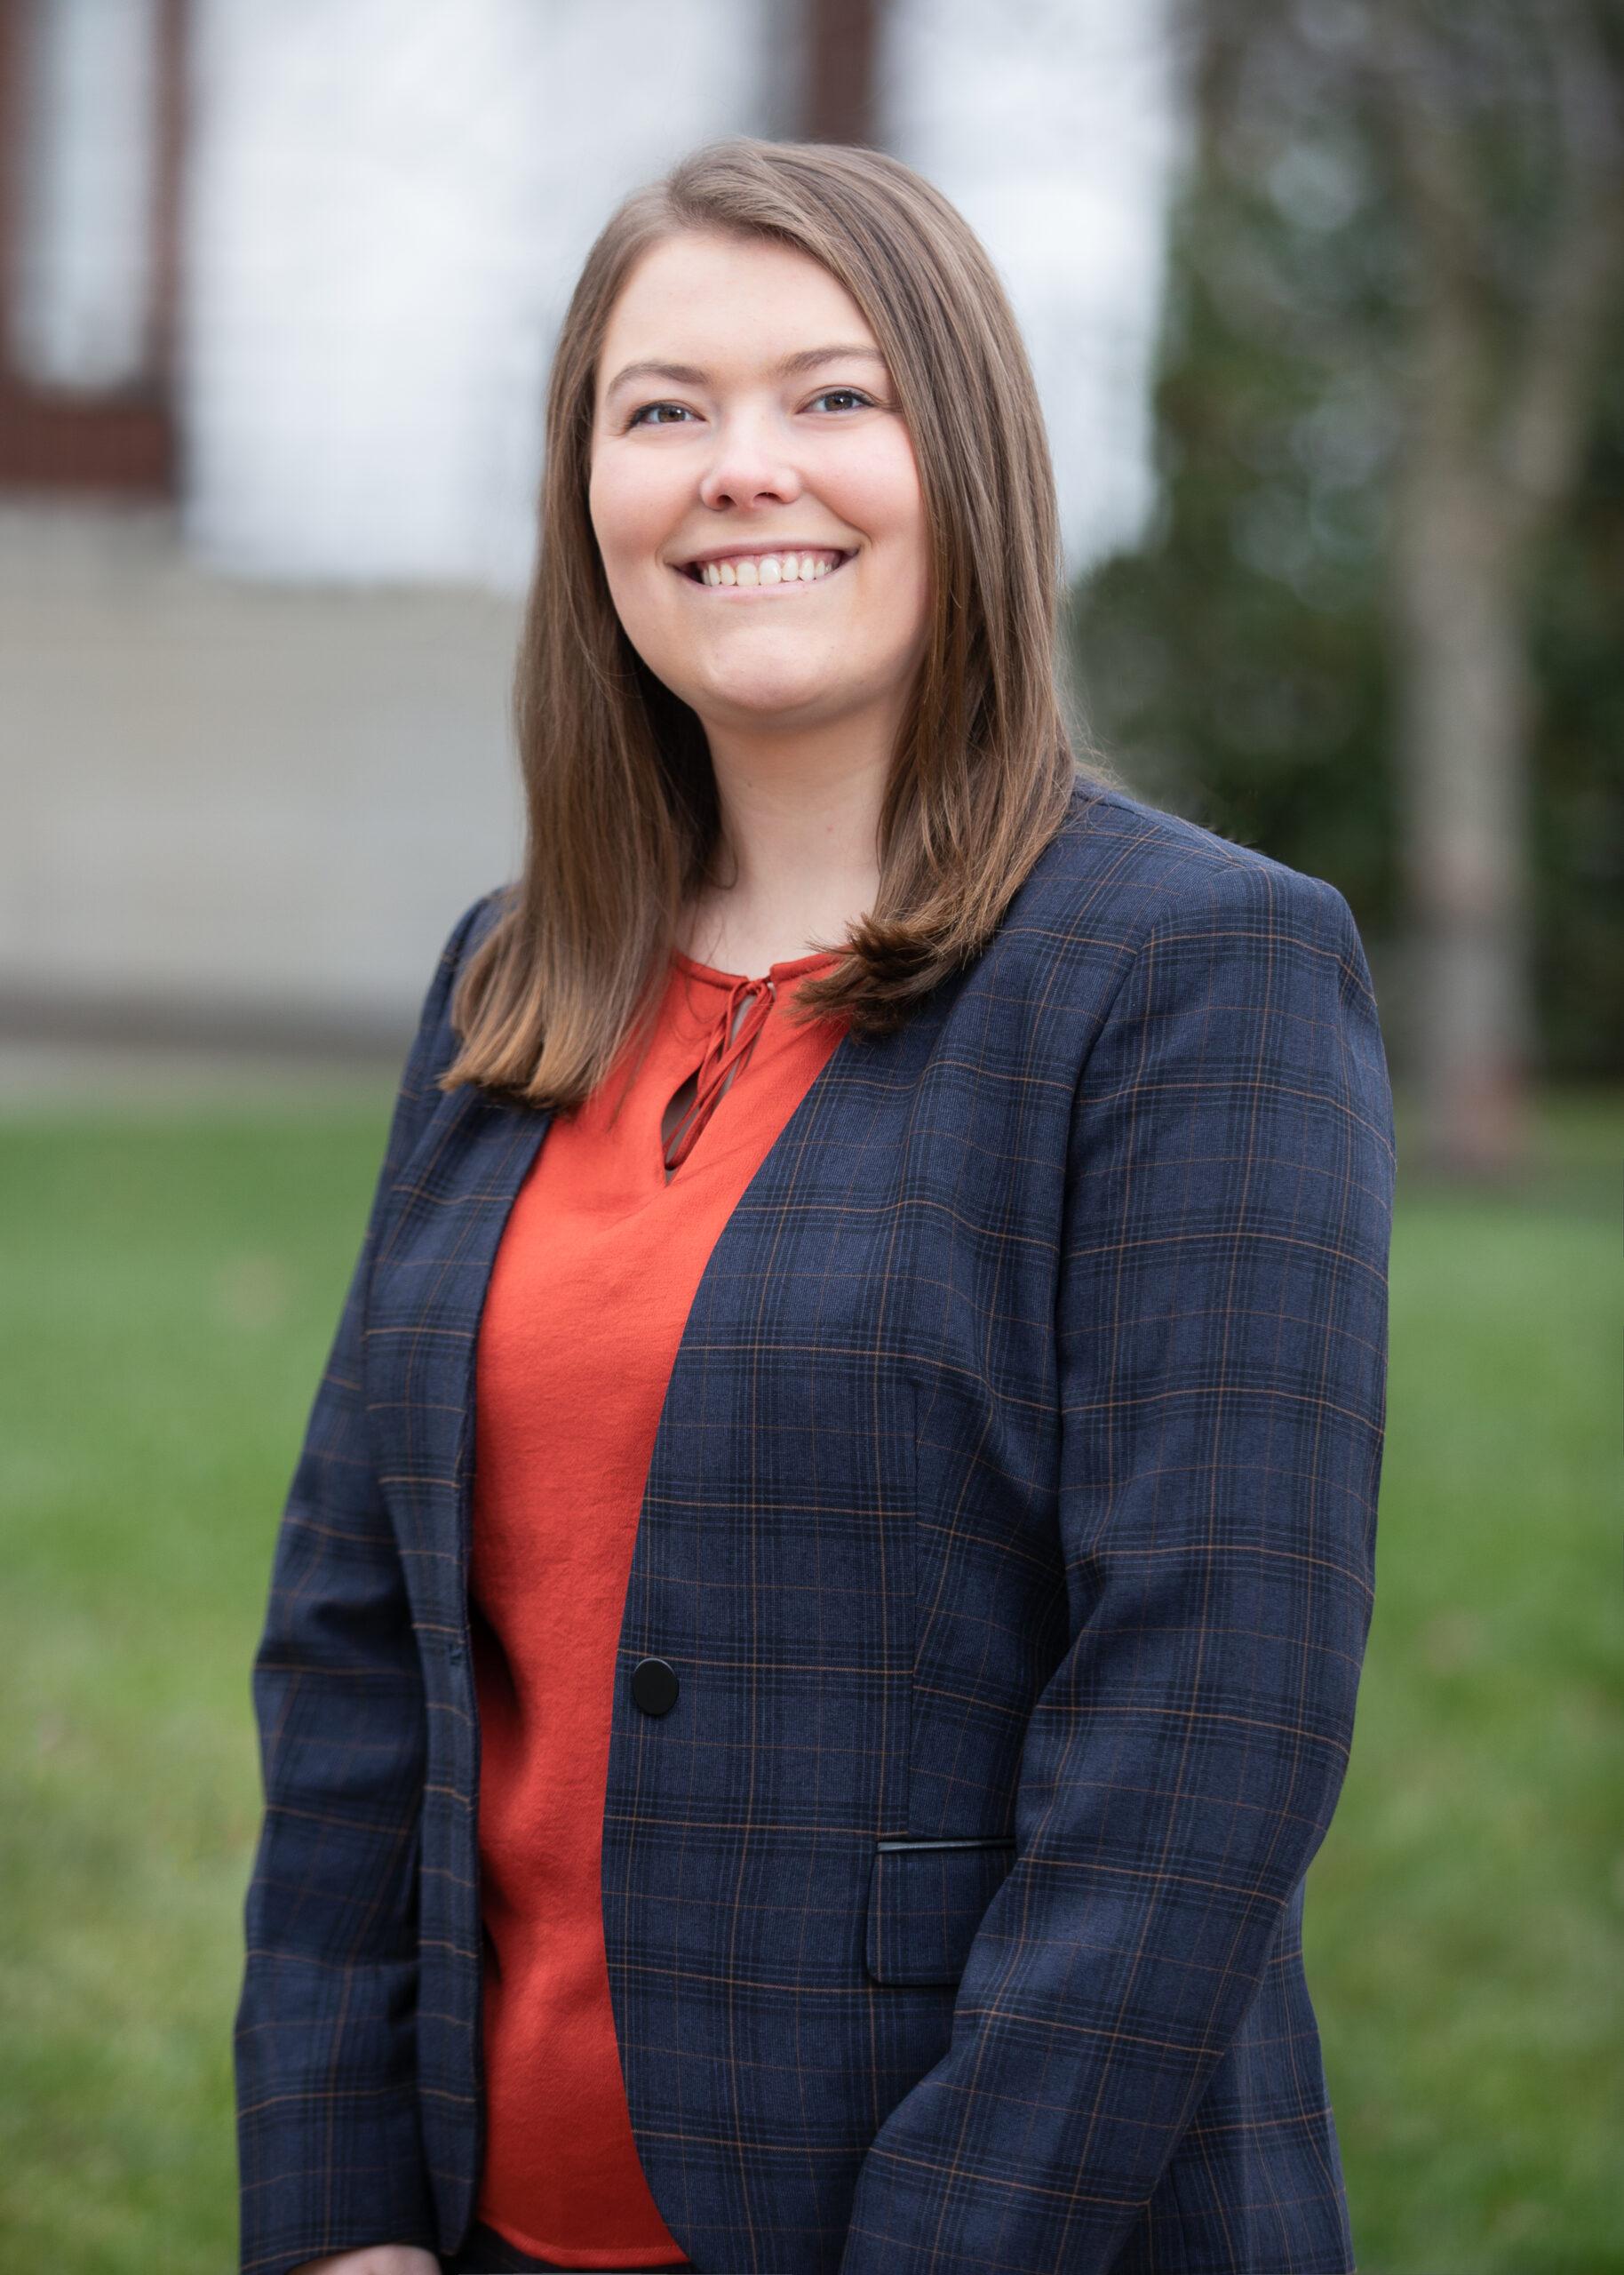 Ashley E. Smith Profile Picture on Martson Law Website